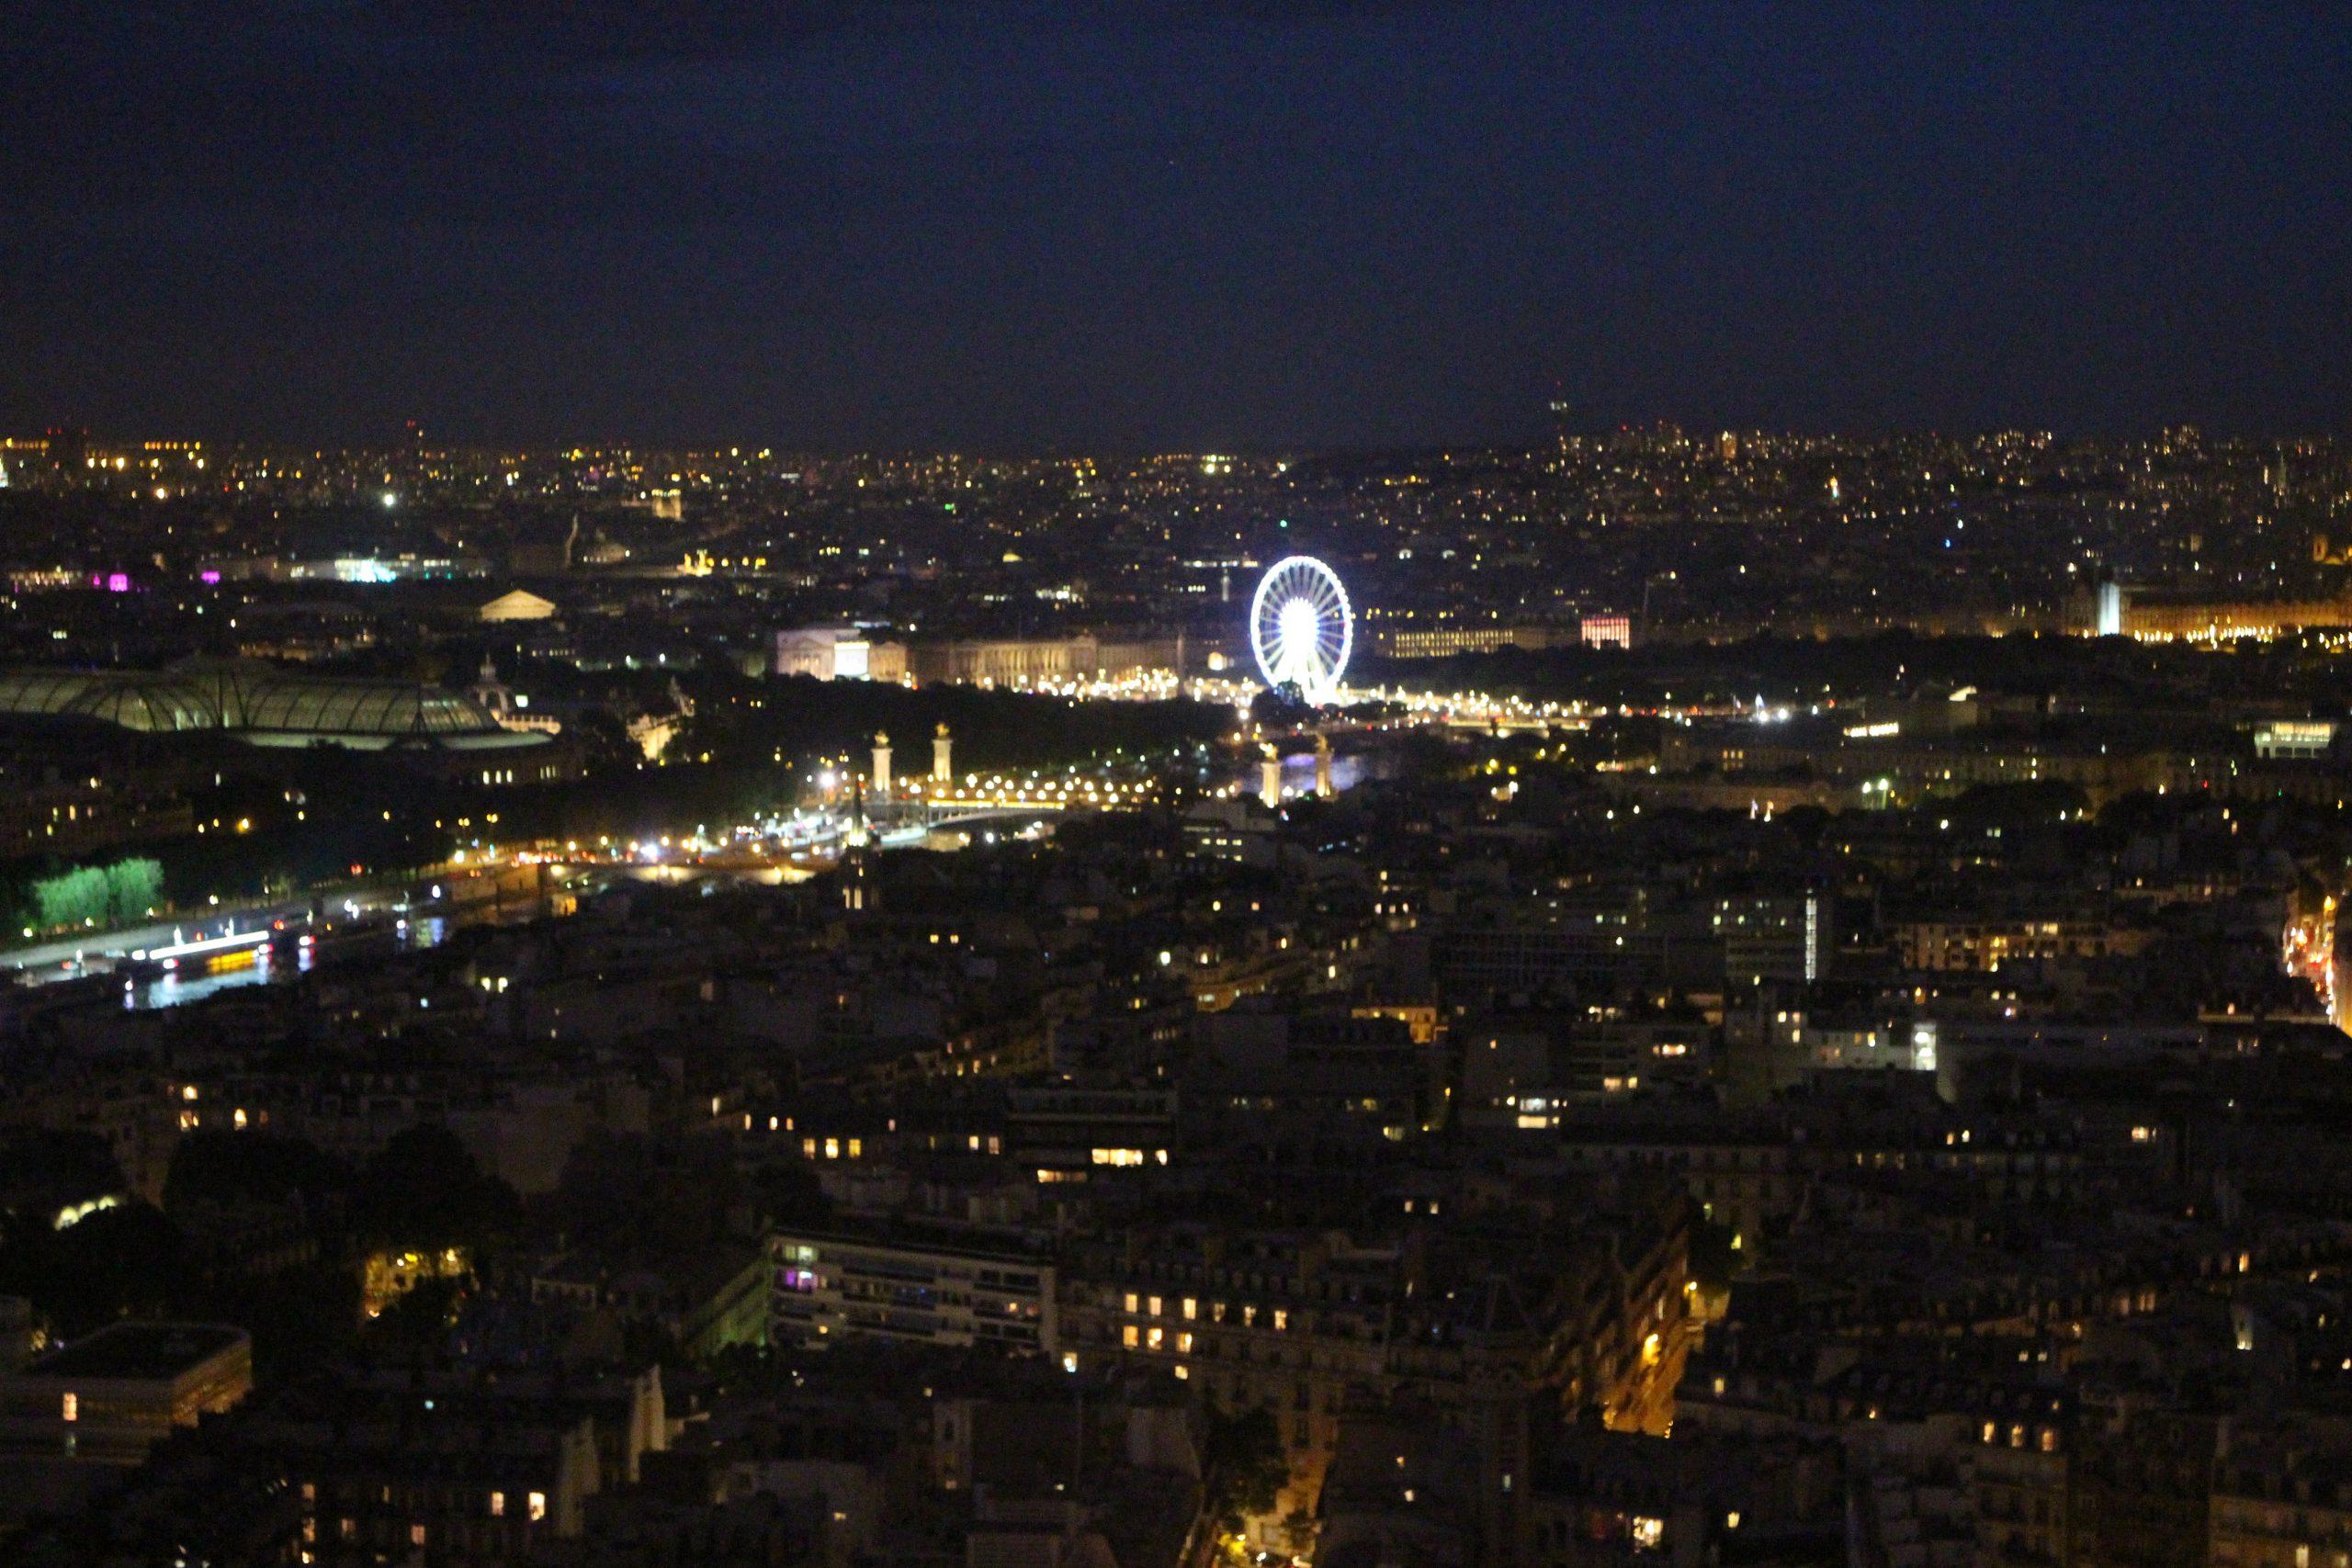 Exponentielle, dérivée, signe, variation, équation, première, Paris